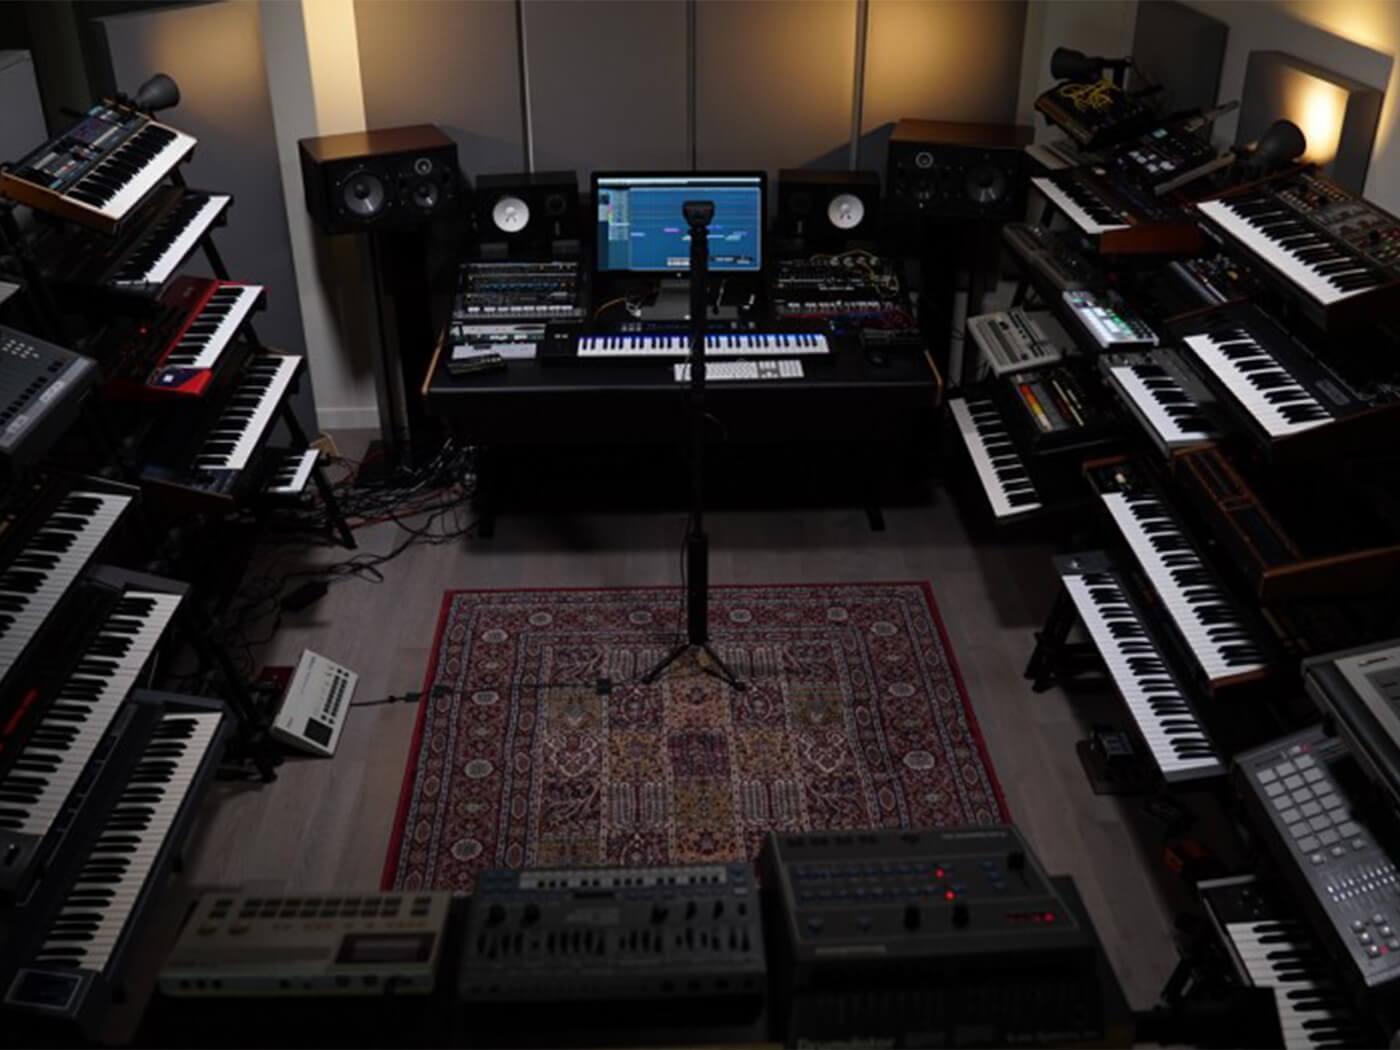 Principle Pleasure Studios